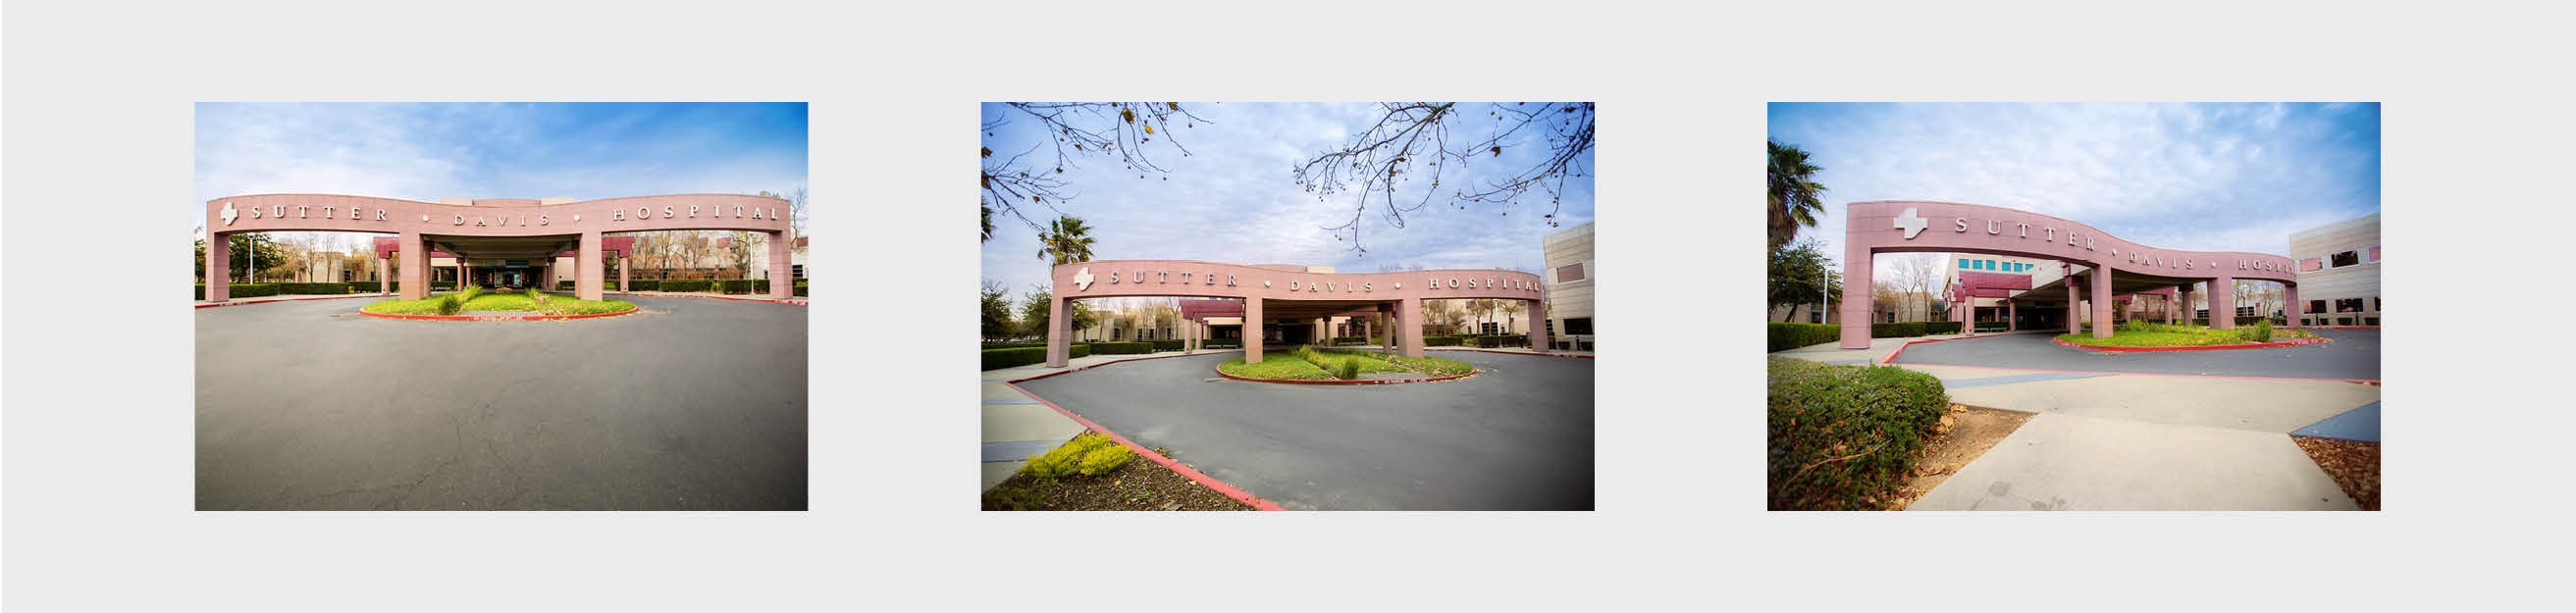 Sutter-Davis-Hospital